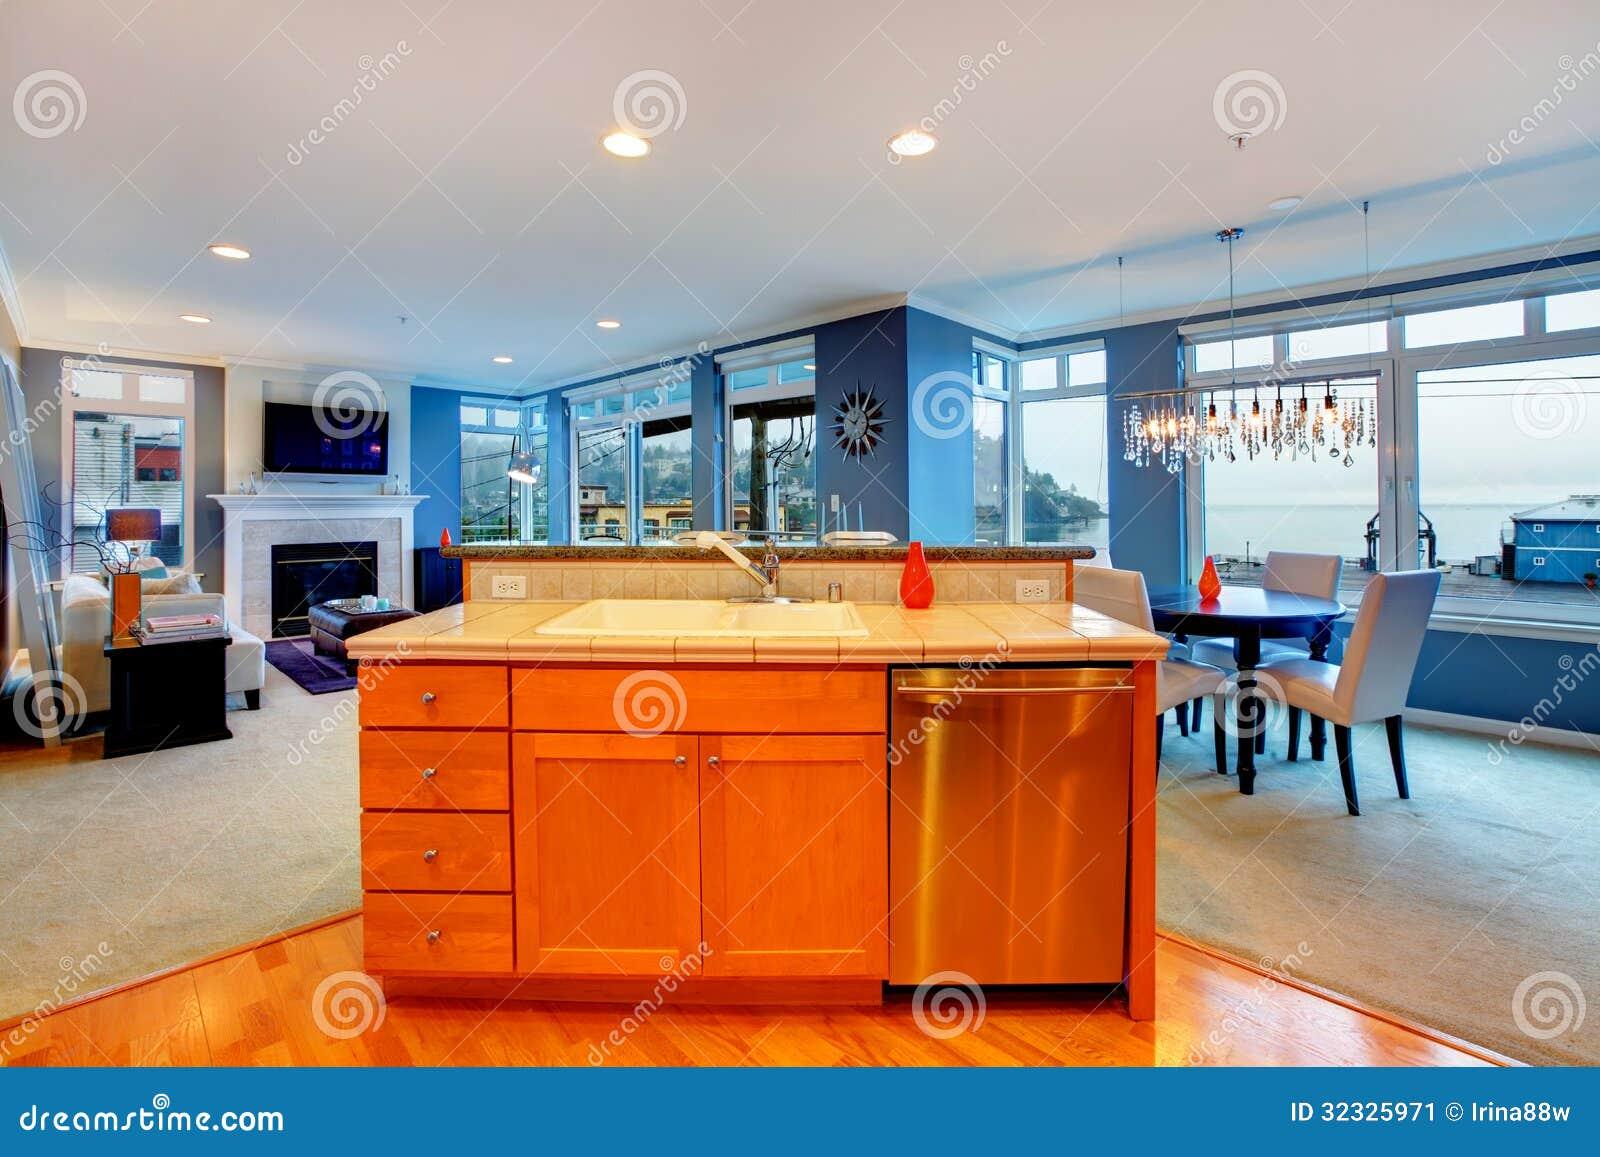 download cuisine en bois orange dappartement de ville avec la salle manger bleue